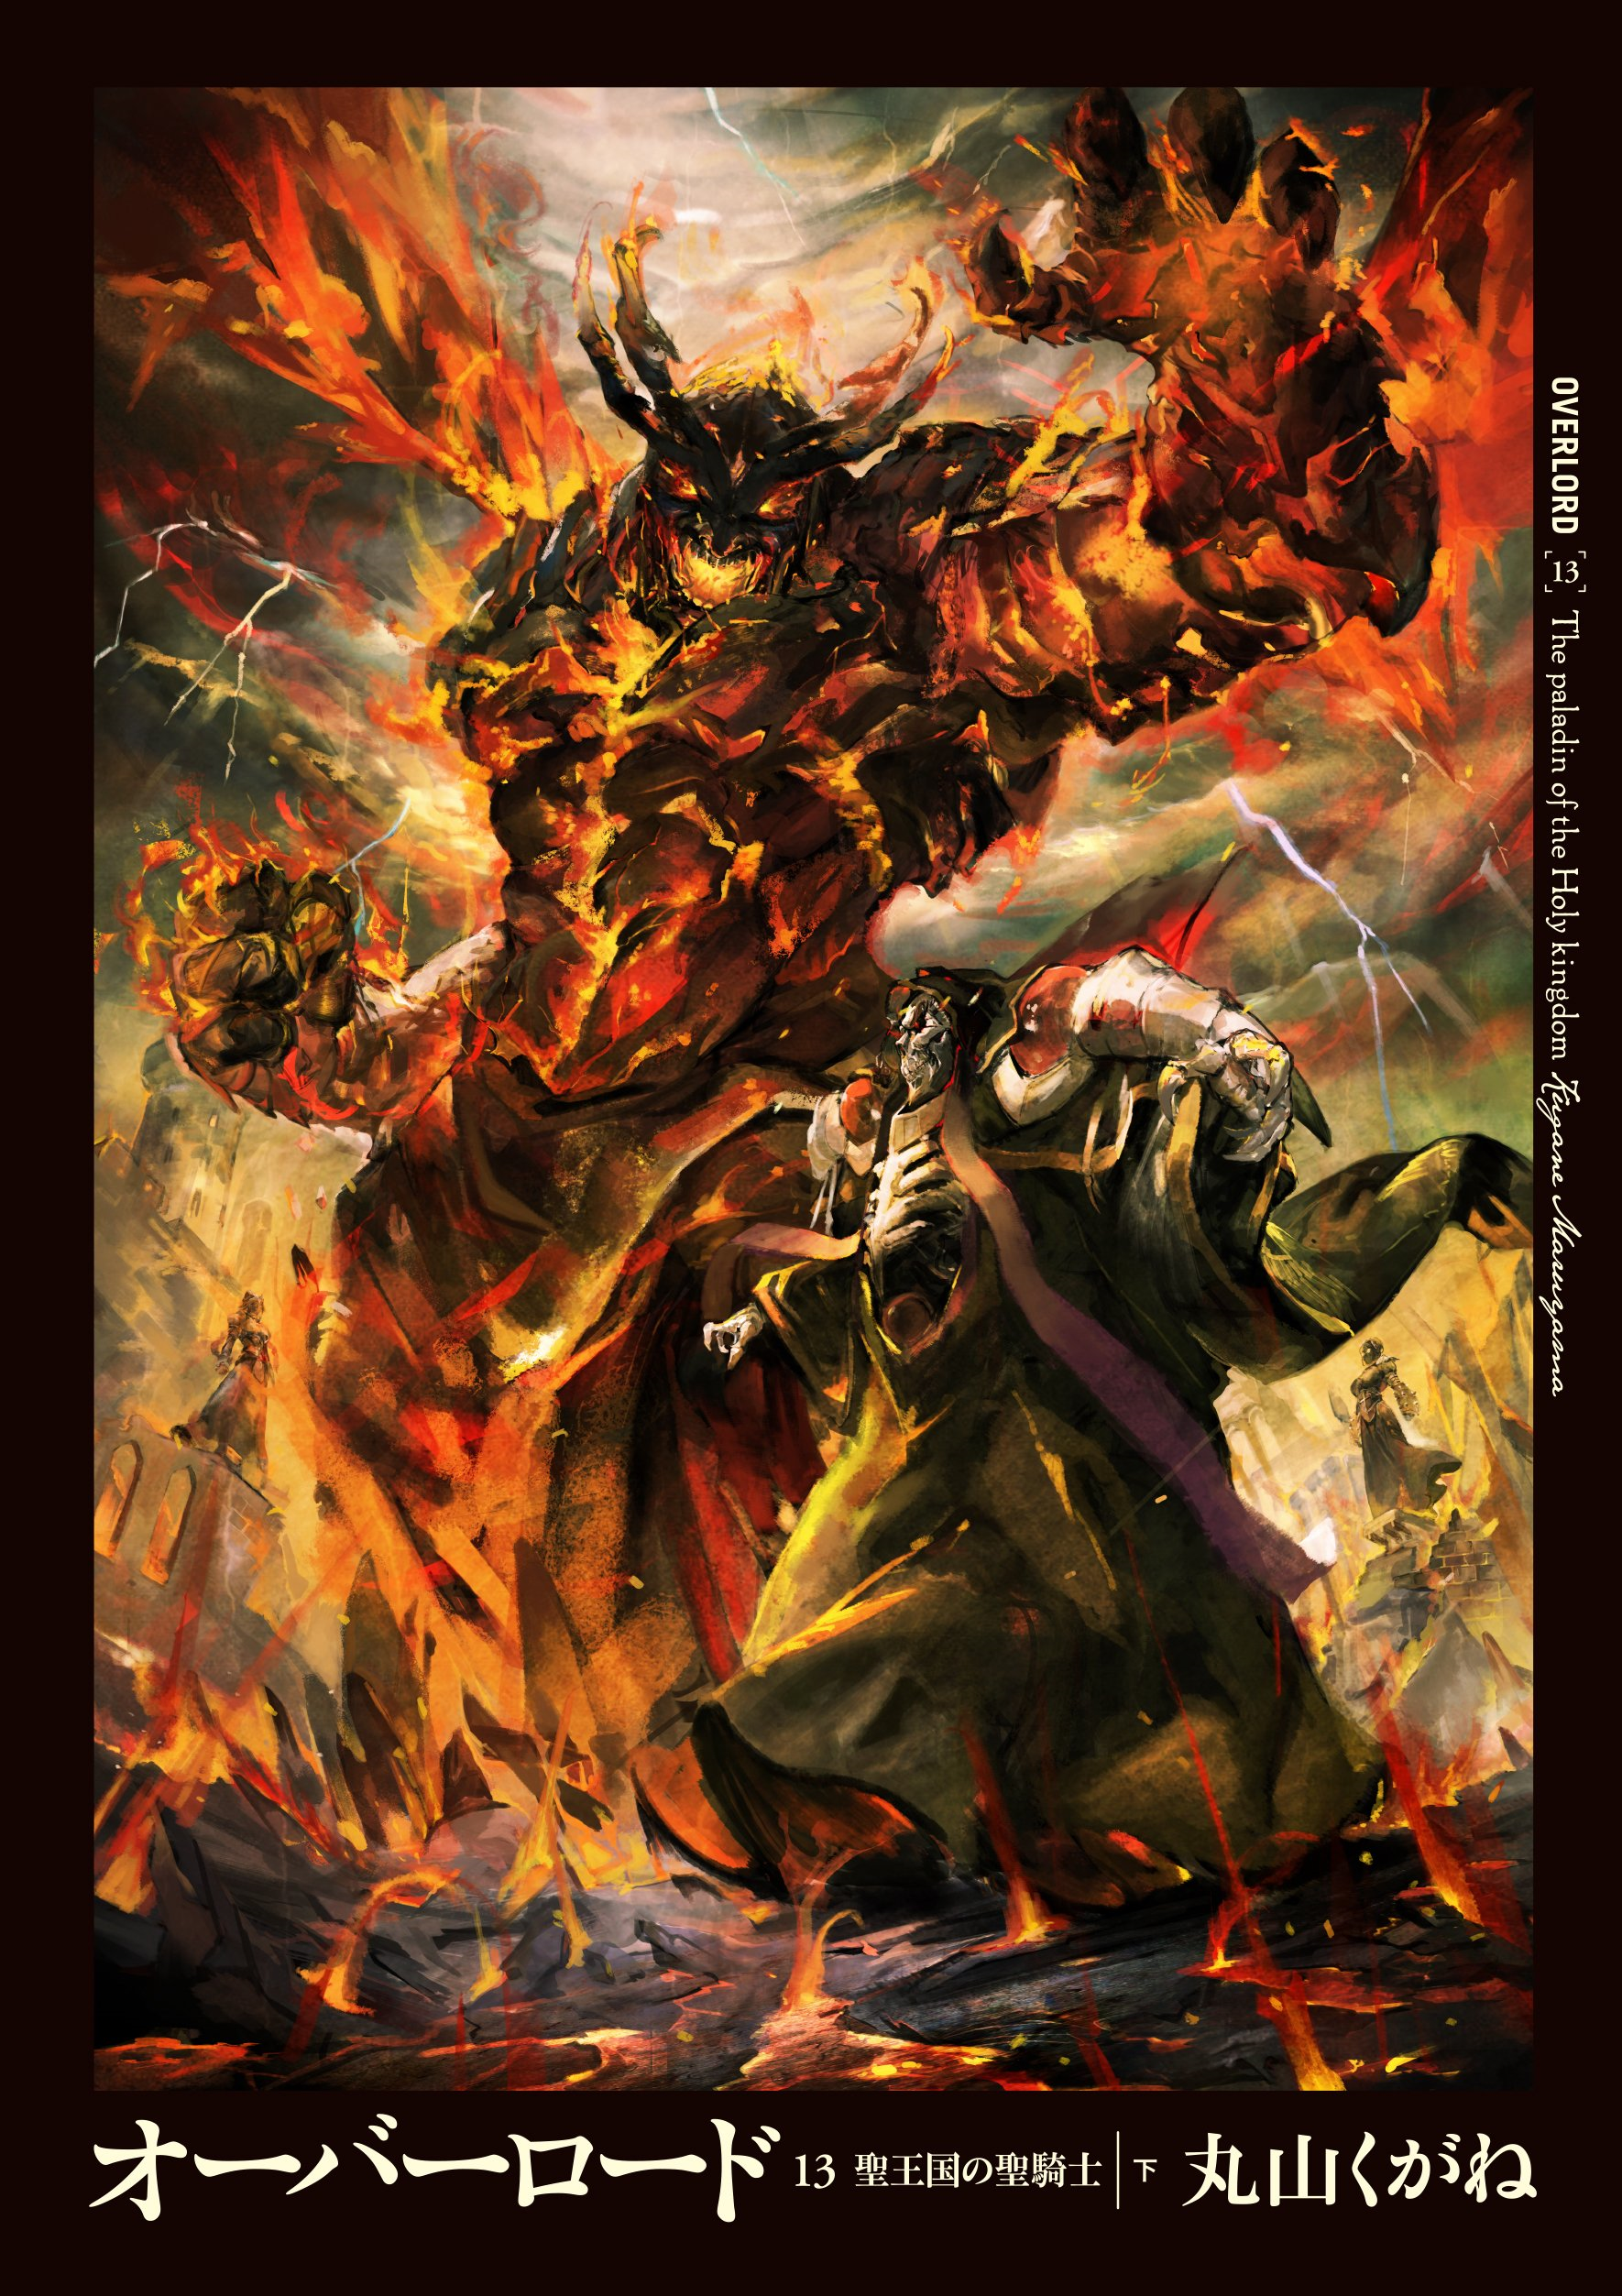 Capa Light Novel Overlord 13 The Paladins Of Holy Kingdom II Lancado Em 27 De Abril 2018